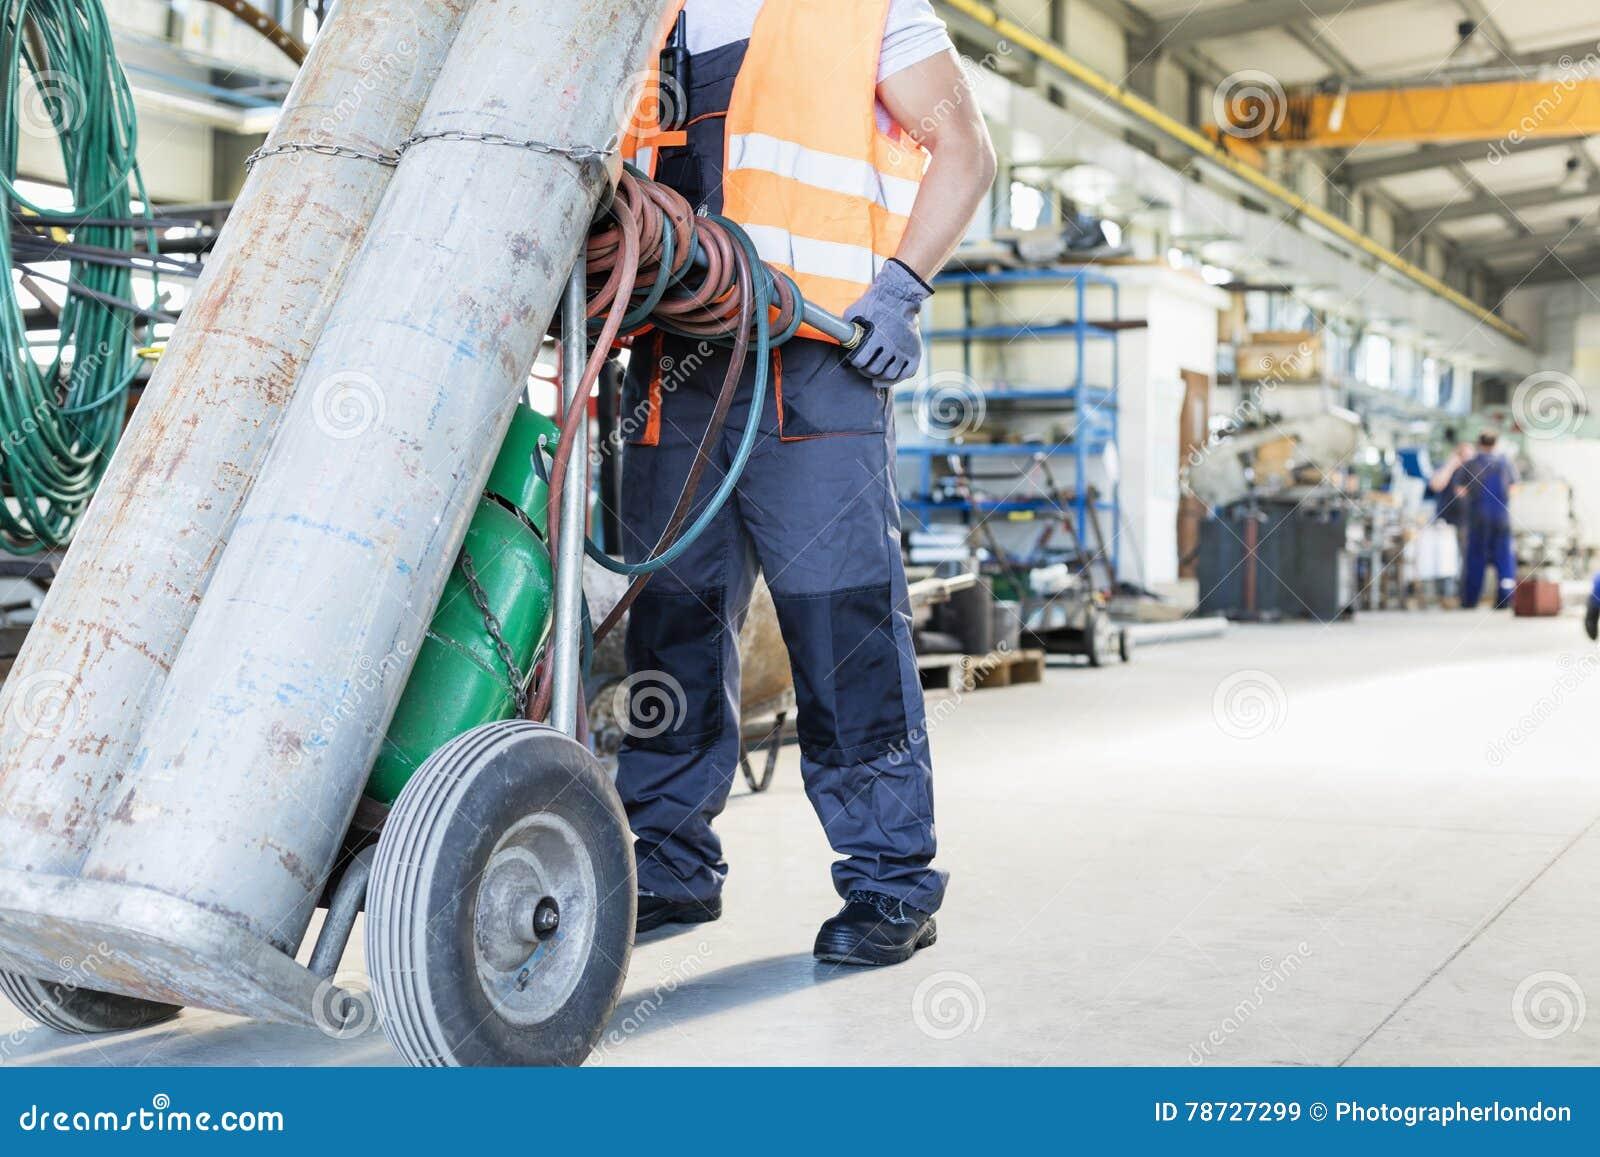 Lågt avsnitt av unga rörande gascylindrar för manuell arbetare i metallbransch